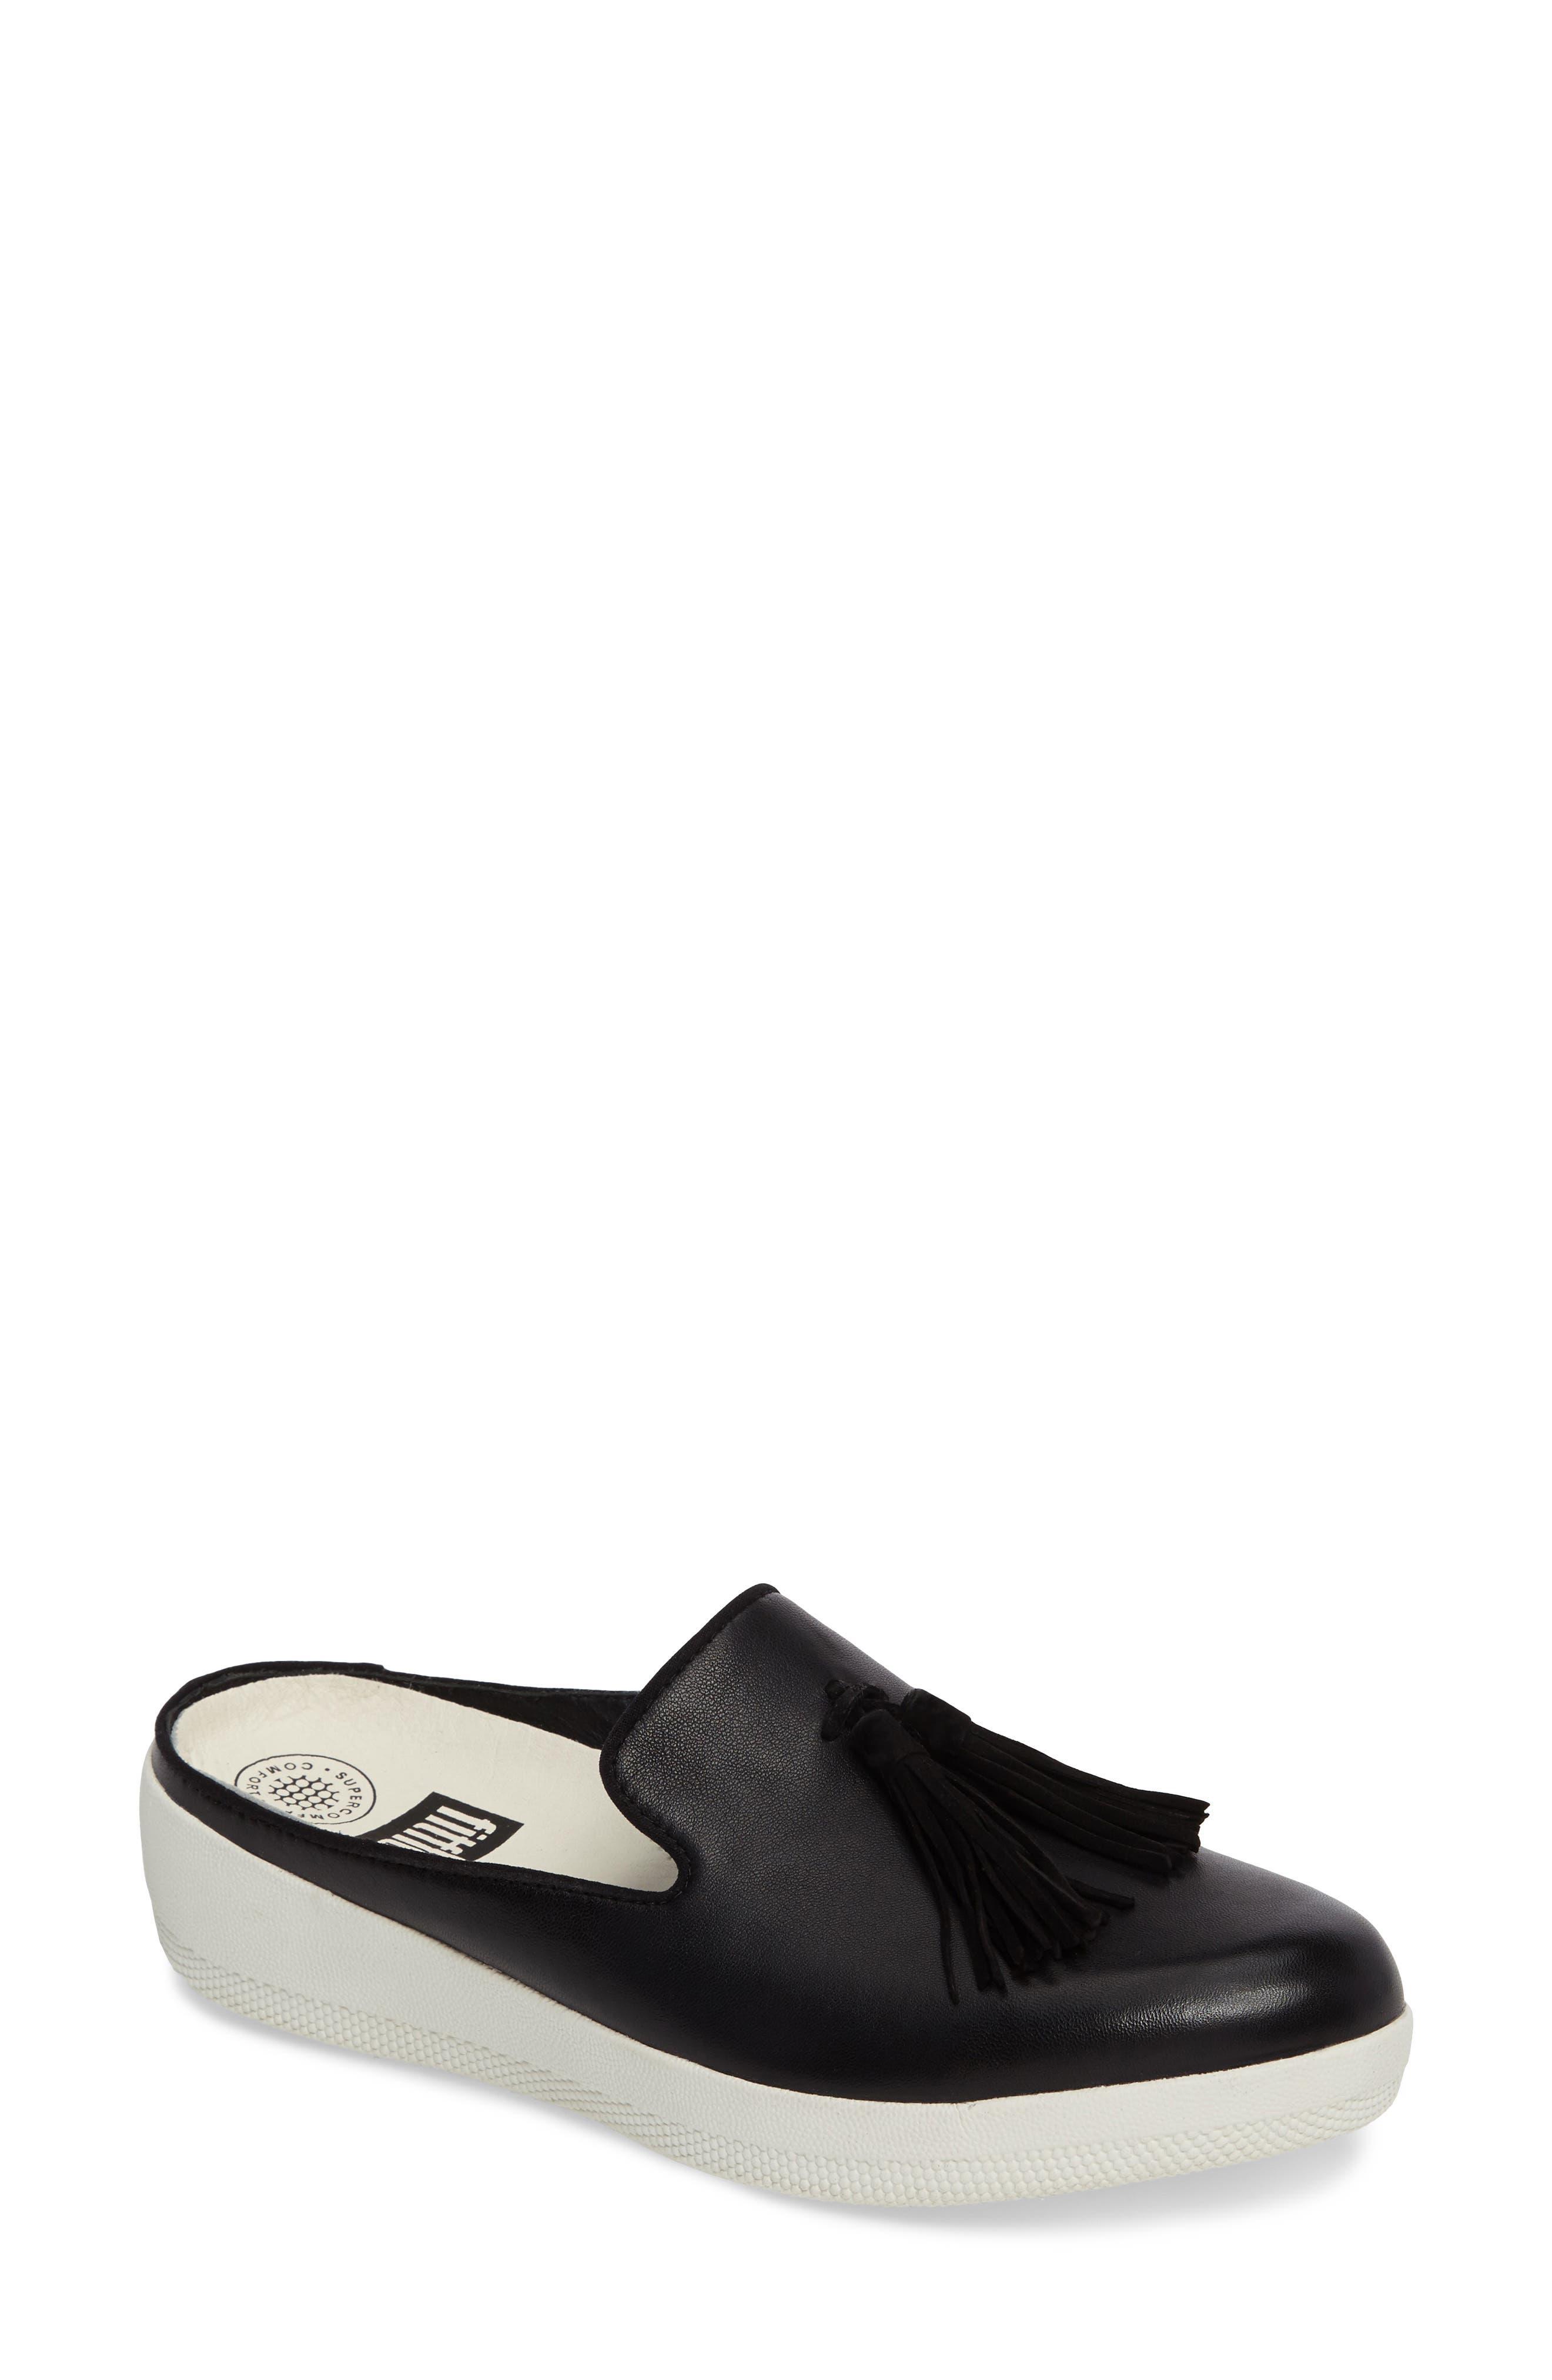 FitFlop™ Superskate Tasseled Loafer Mule (Women)